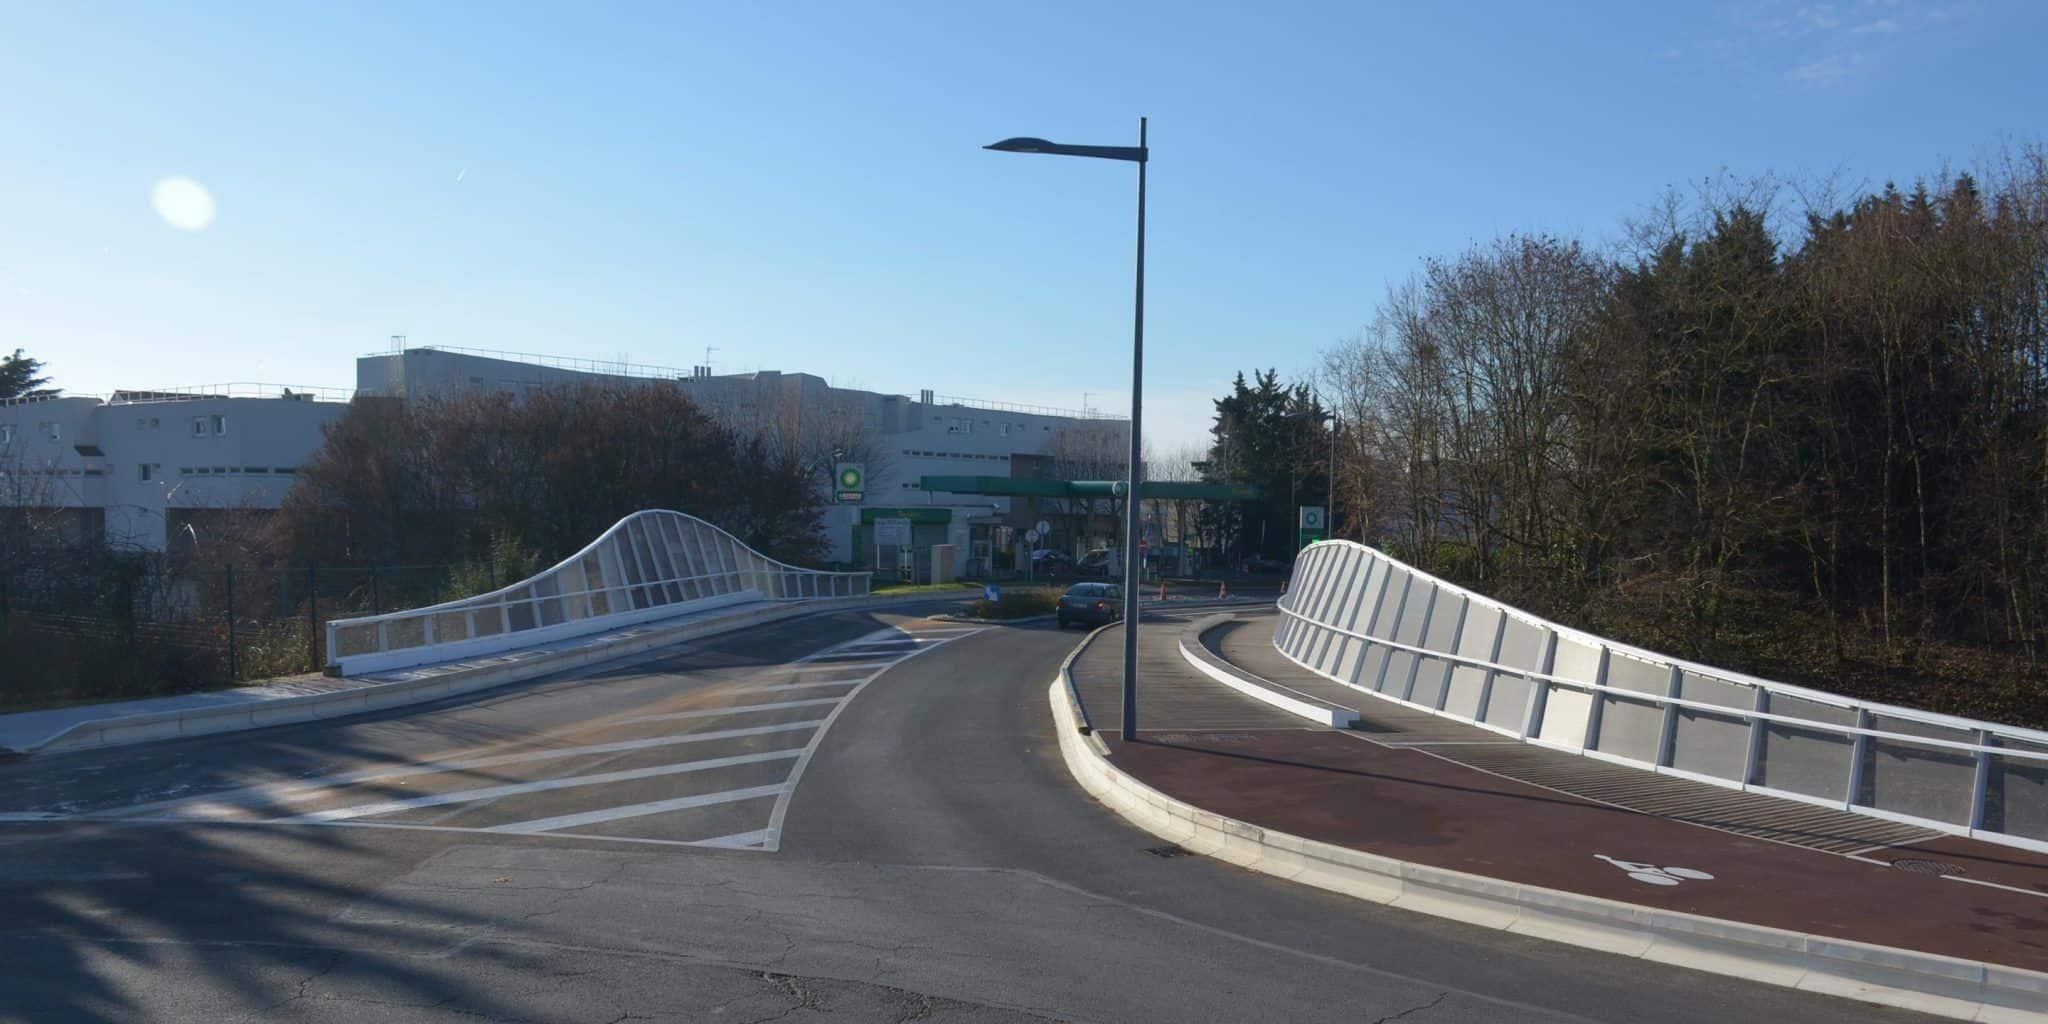 Passerelle Courcouronnes - DVVD